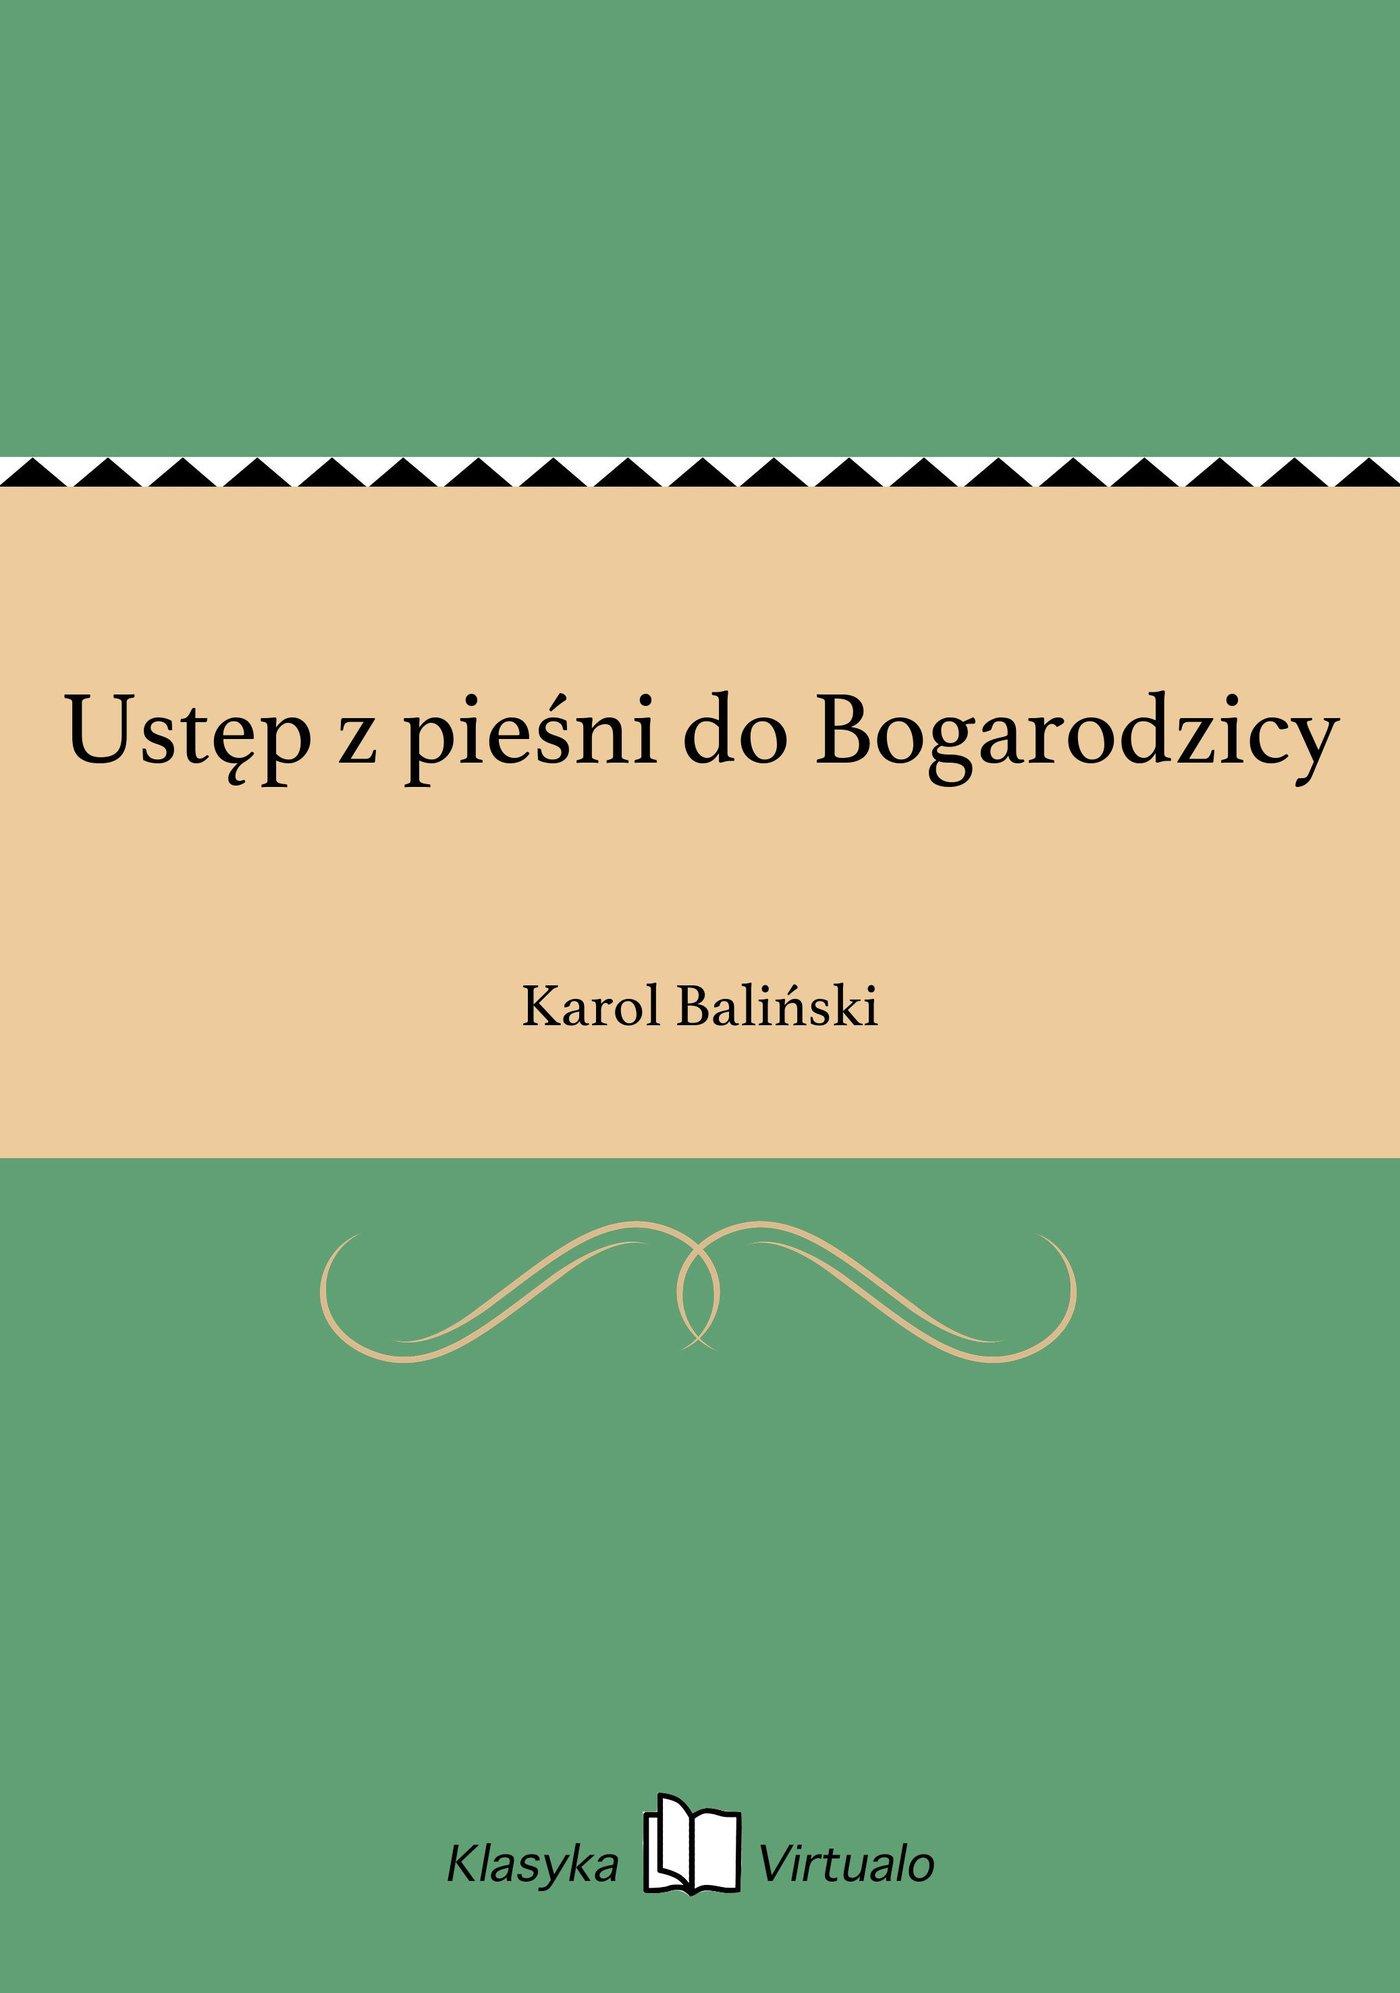 Ustęp z pieśni do Bogarodzicy - Ebook (Książka EPUB) do pobrania w formacie EPUB